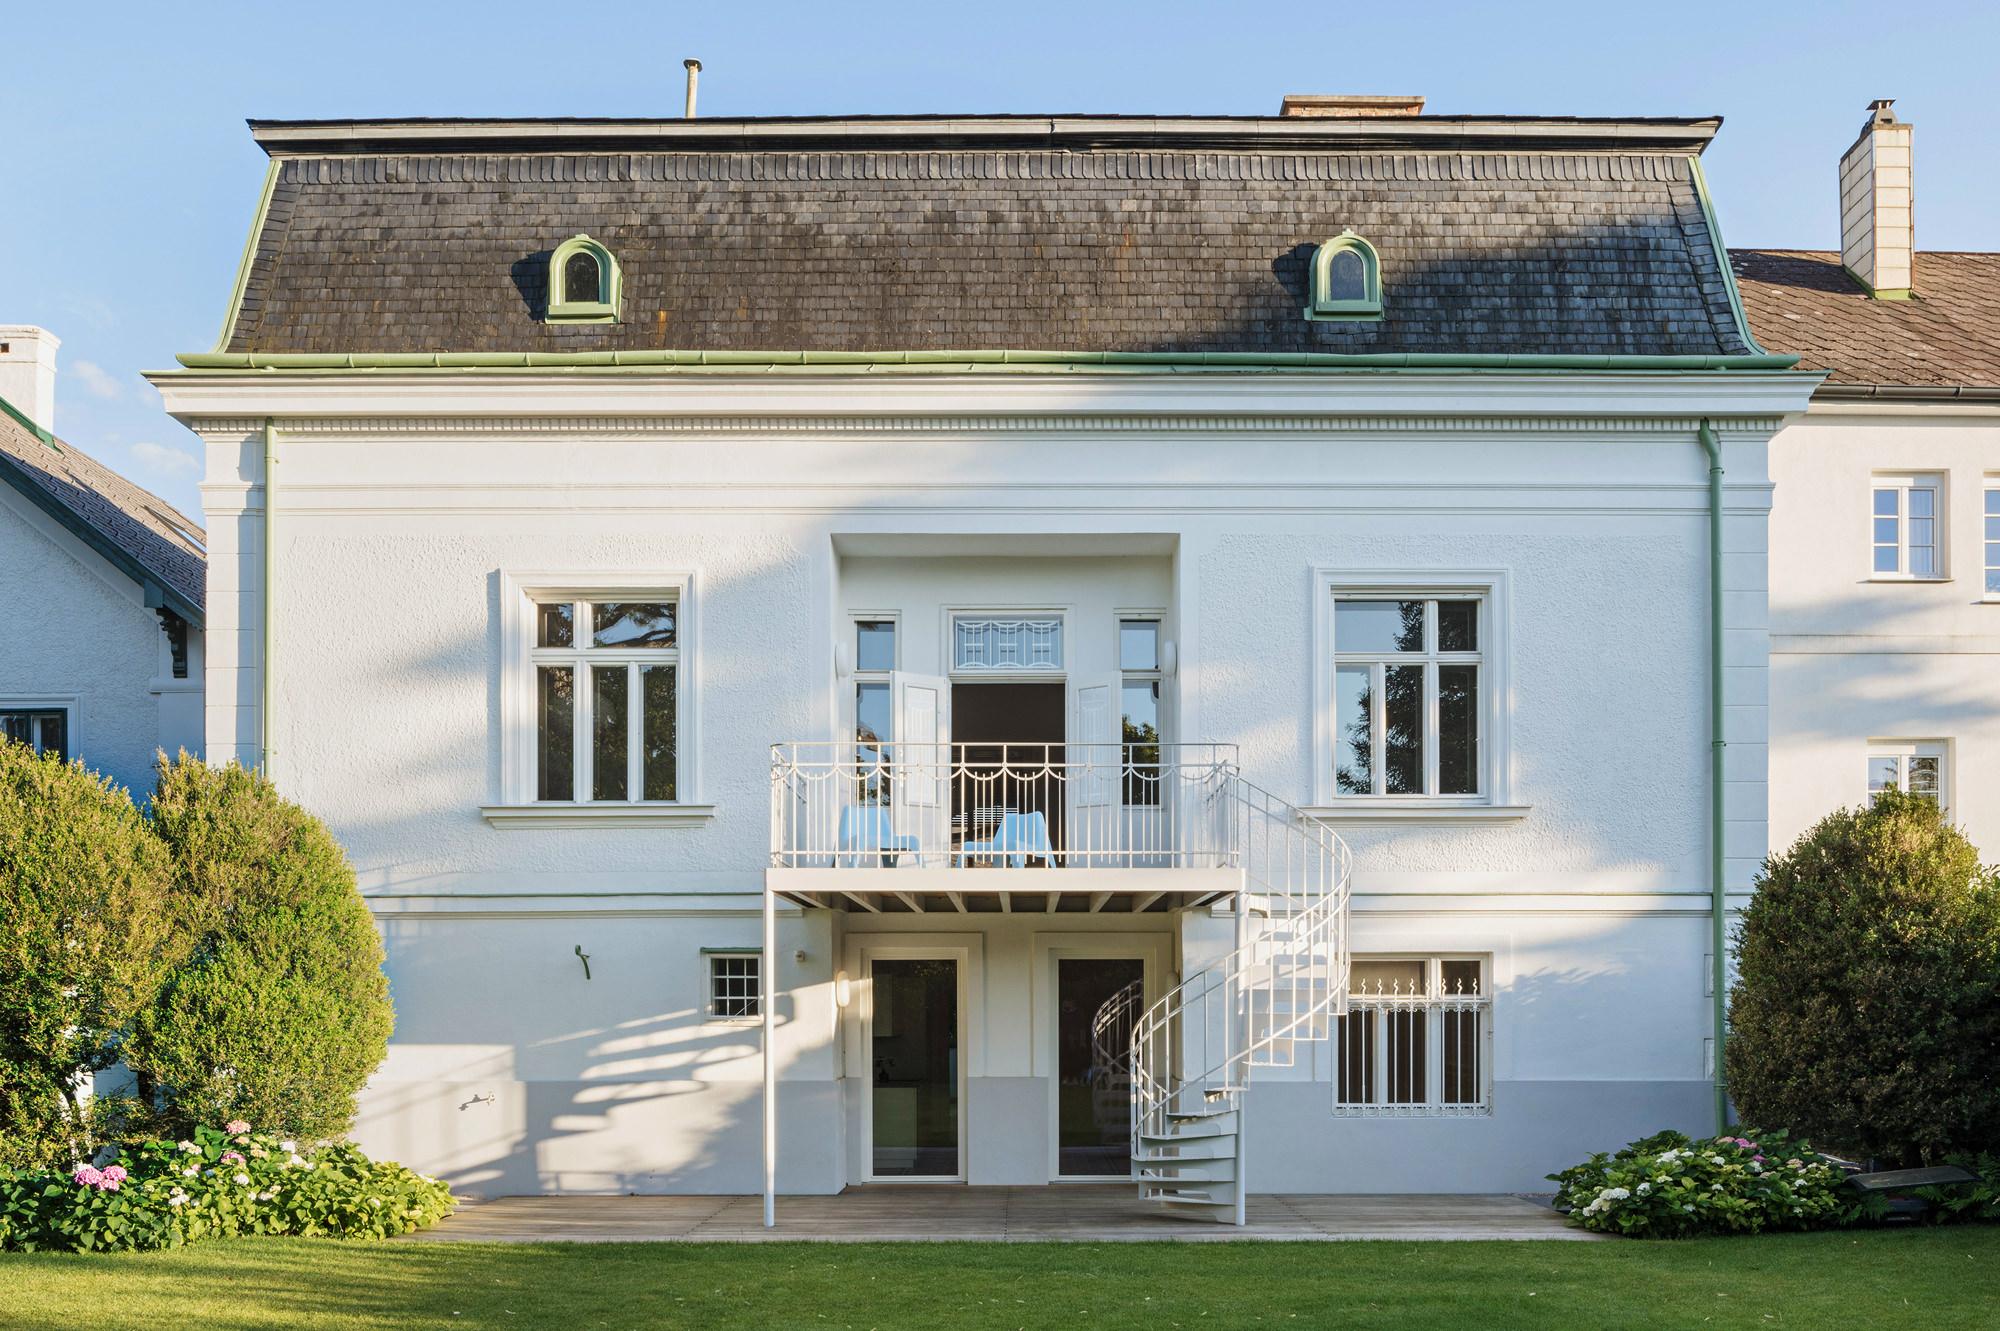 haus_T_17_sanierung_villa_in_moedling_niederoesterreich_junger_beer_architektur